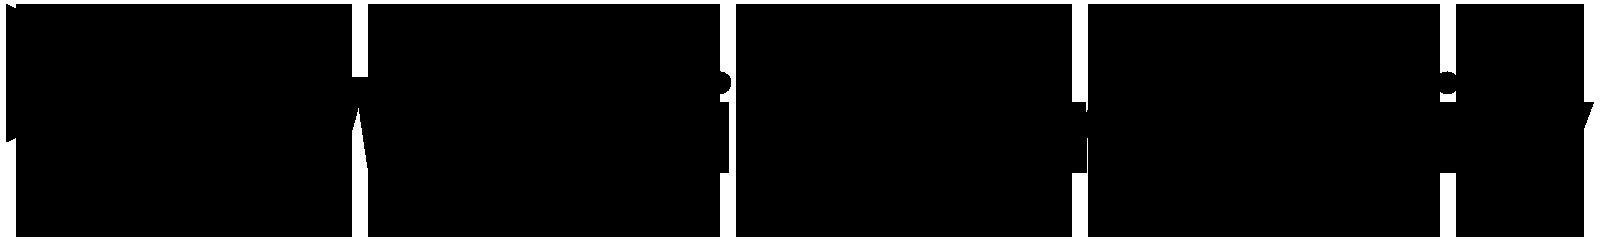 site15f-um-logo.png